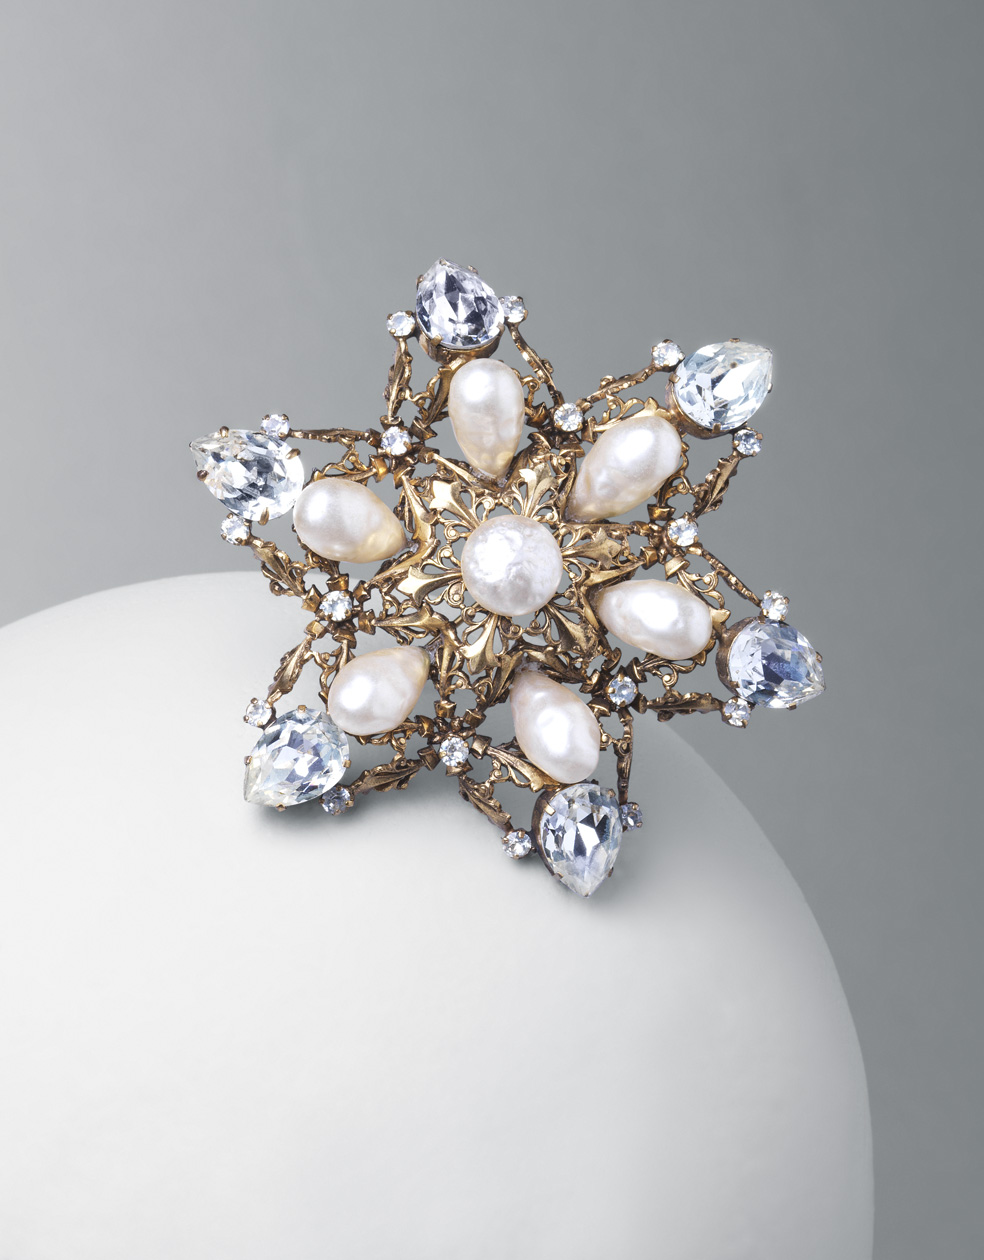 Broche-colgante. Metal dorado, perlas y cristales de Bohemia